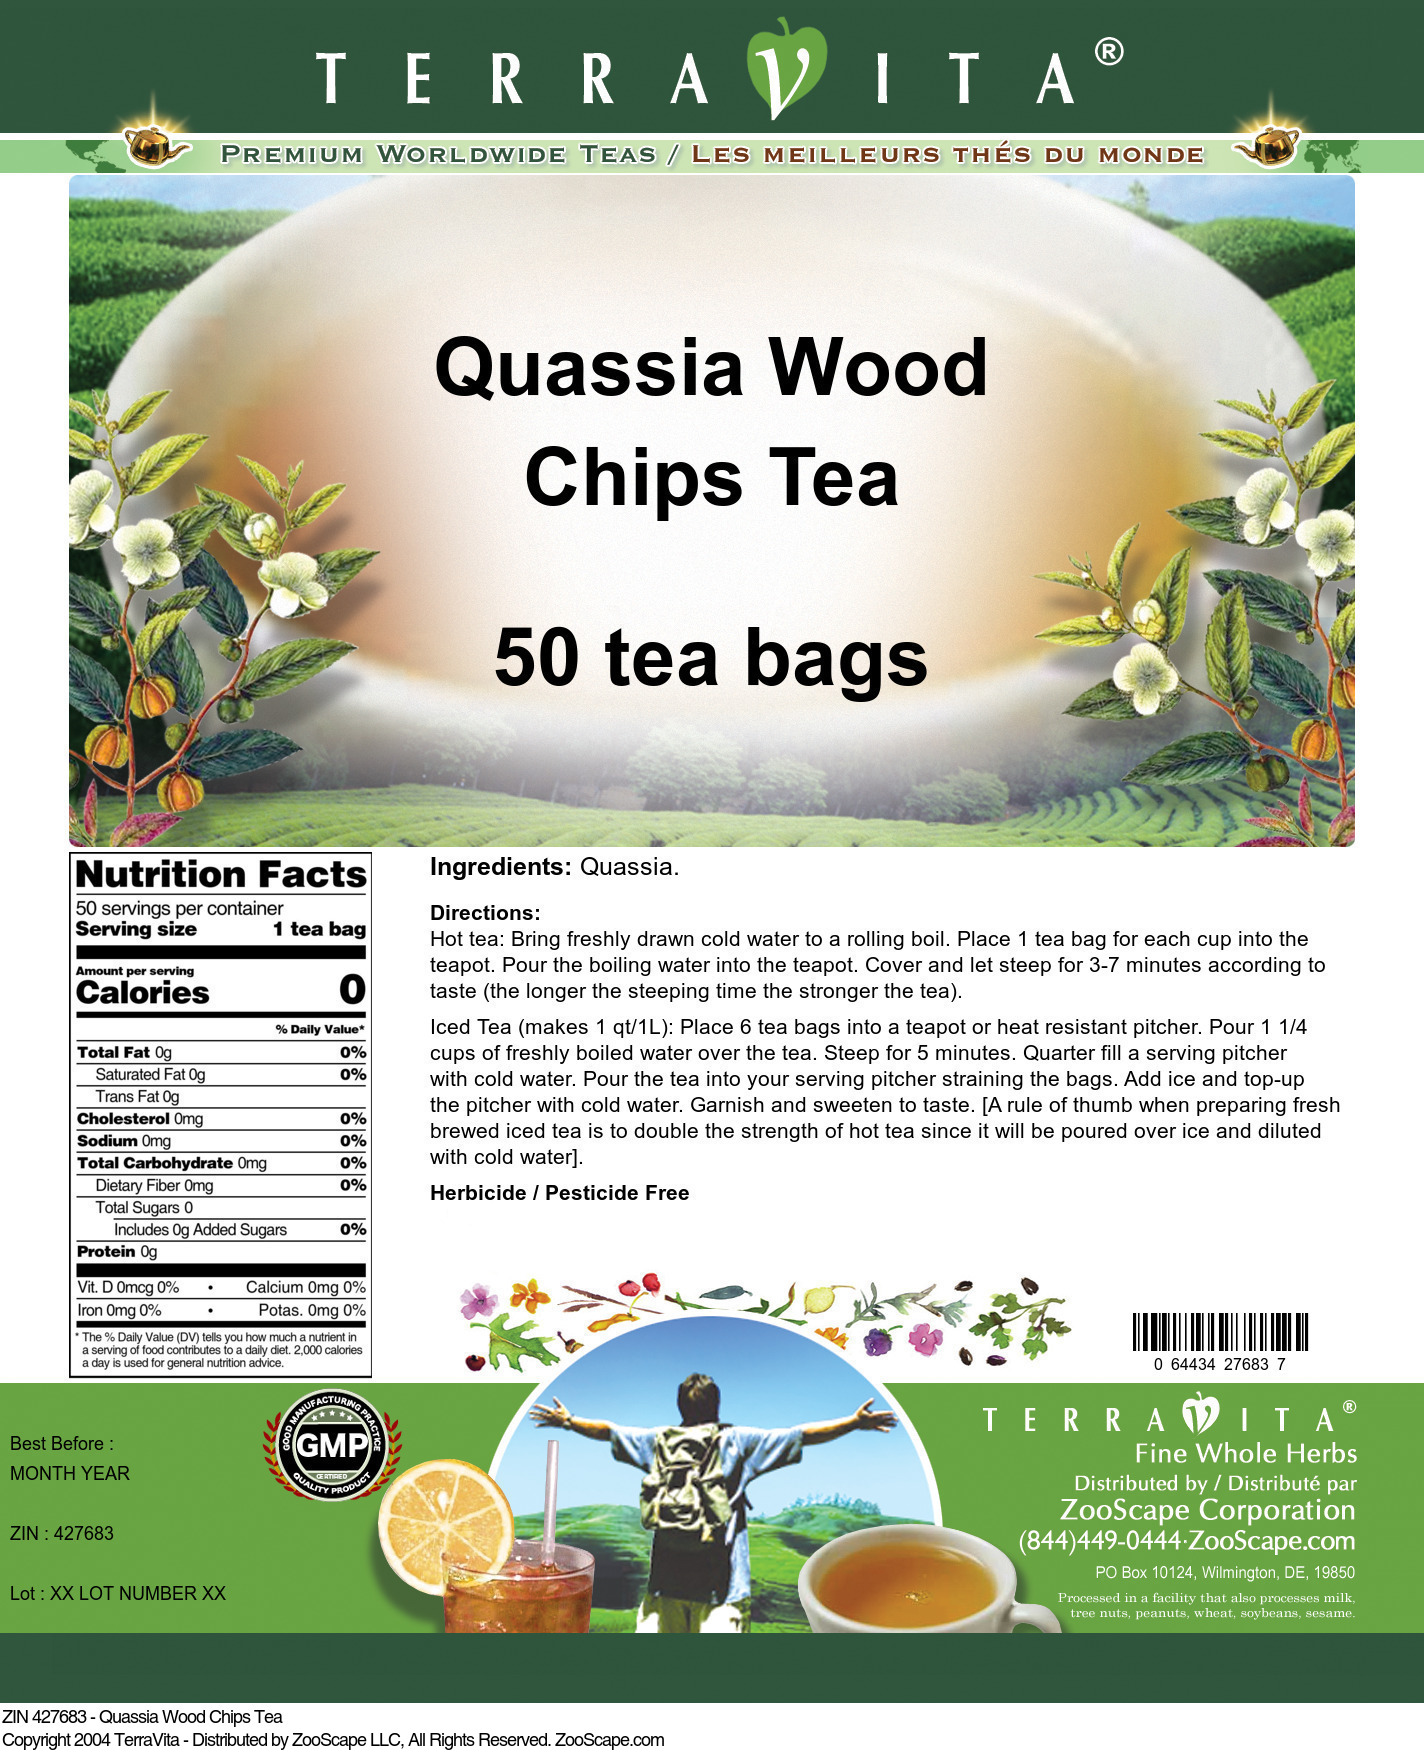 Quassia Wood